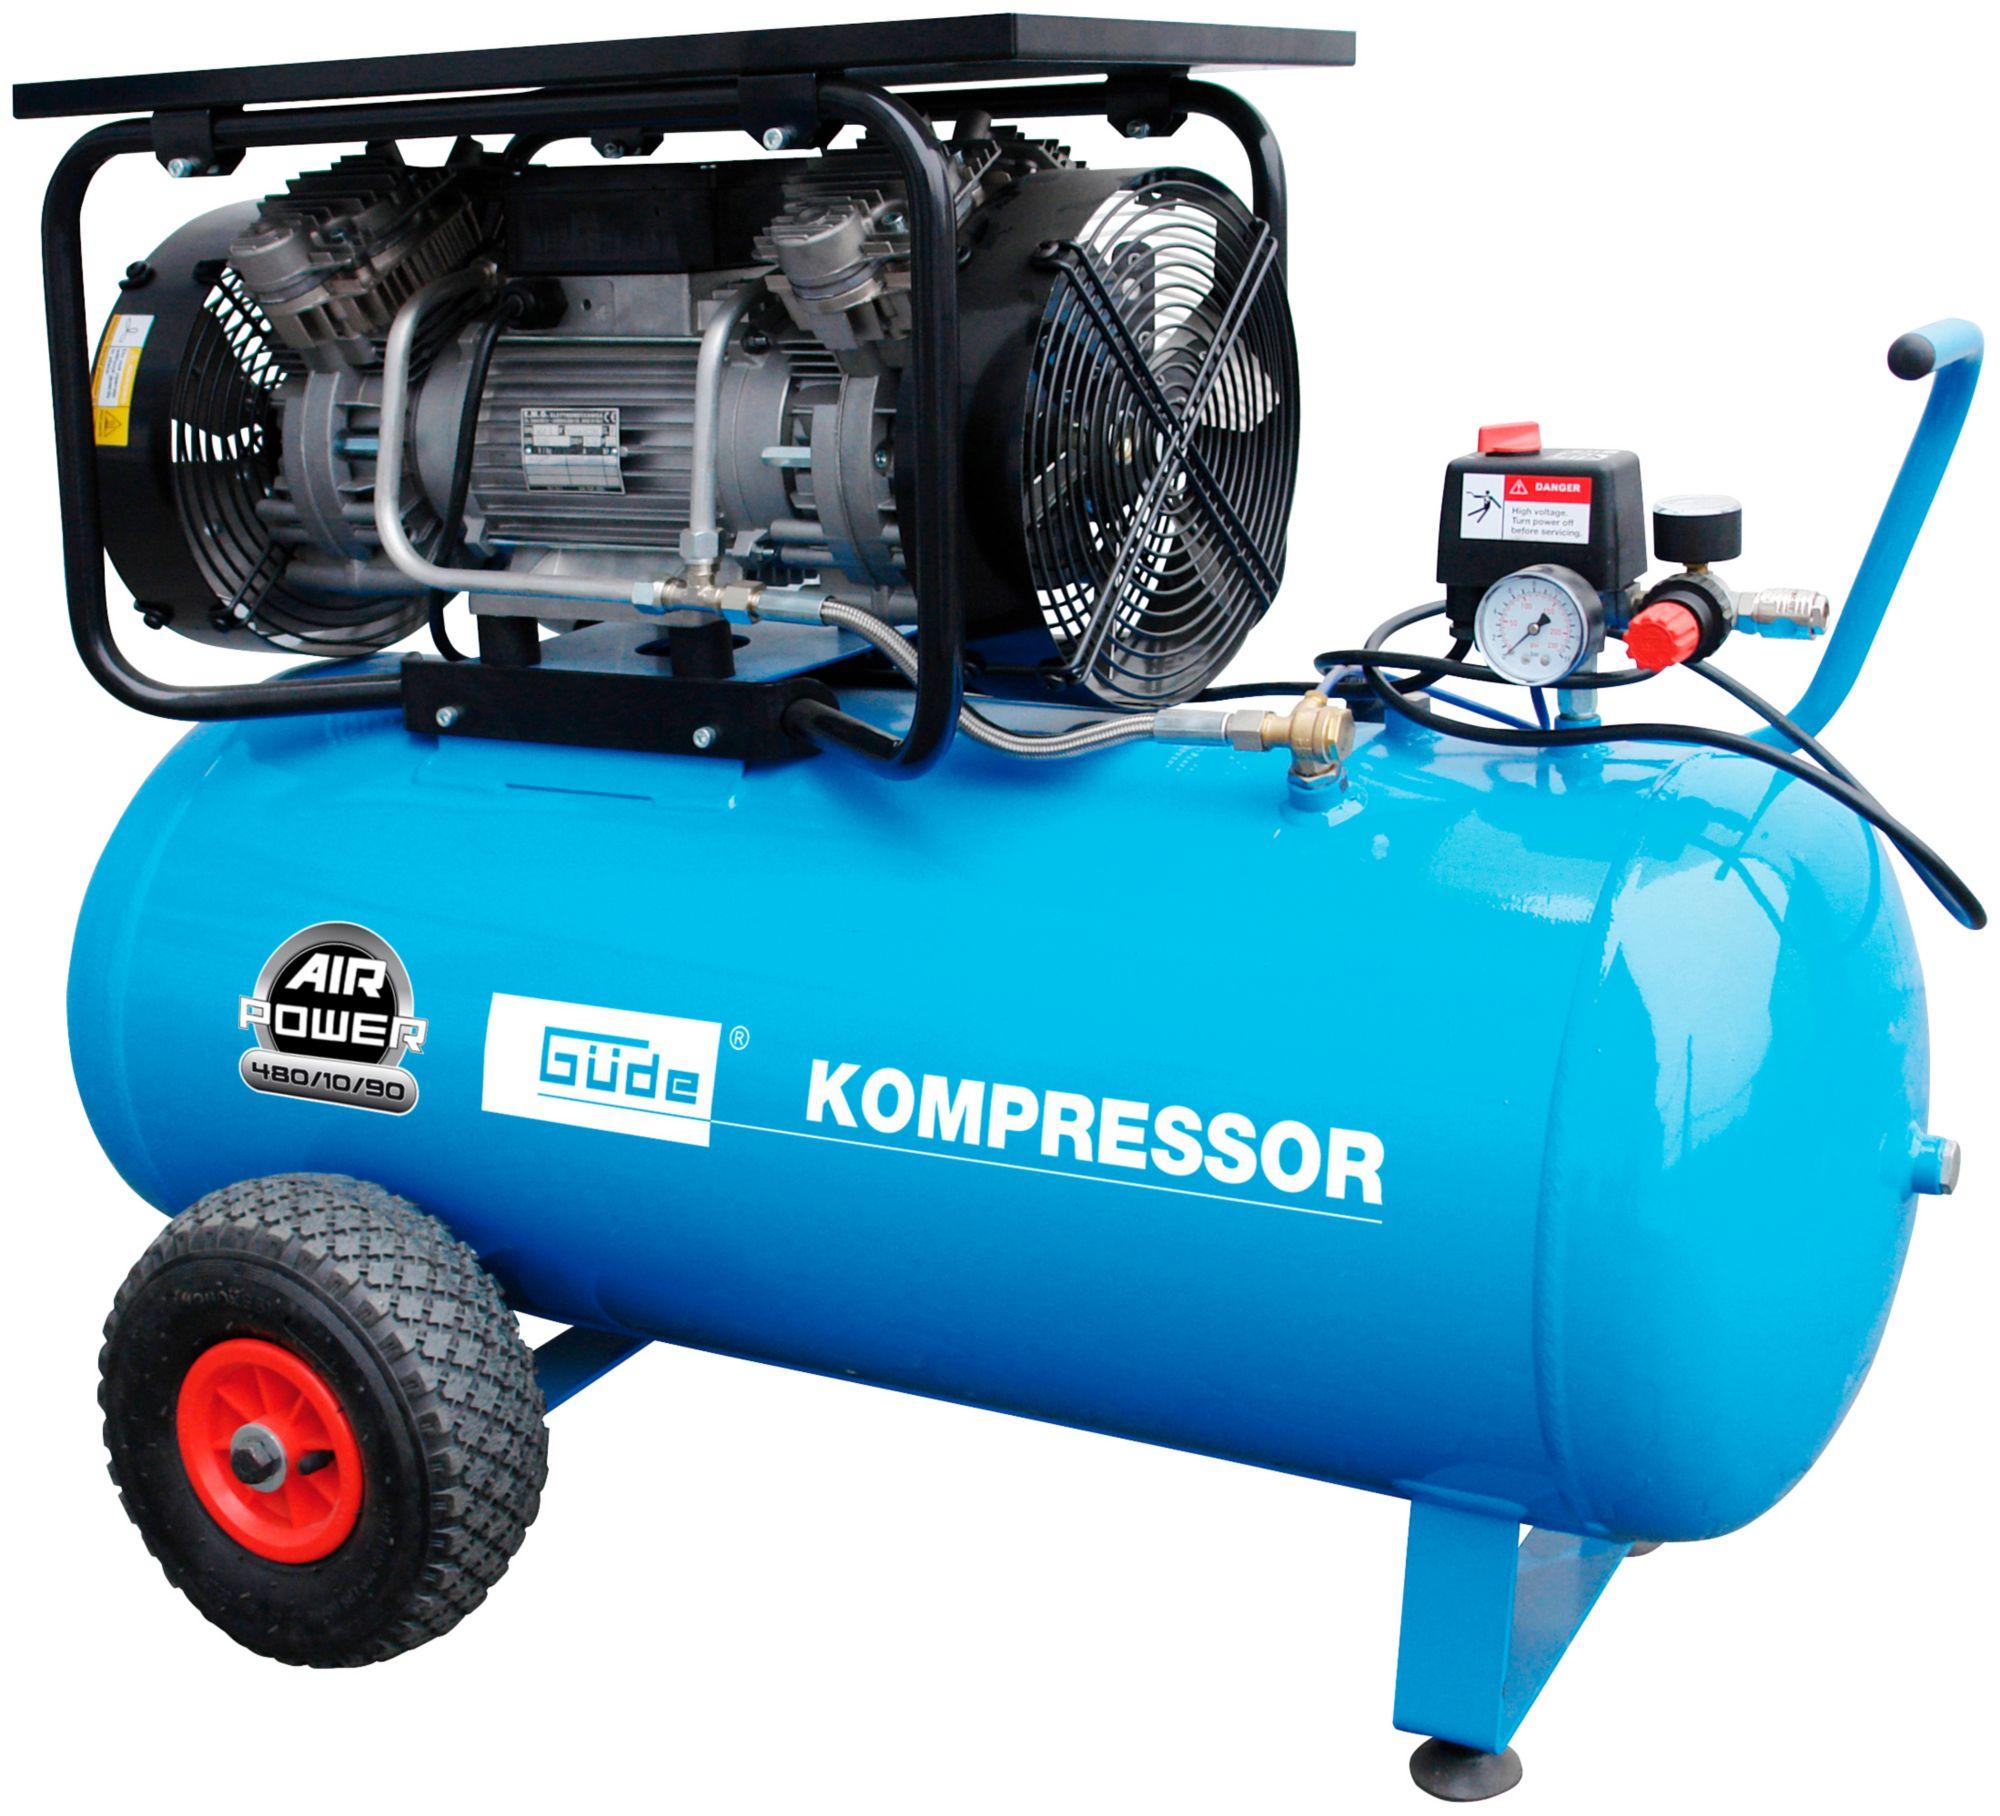 GÜDE Güde Airpower 480/10/90 Kompressor